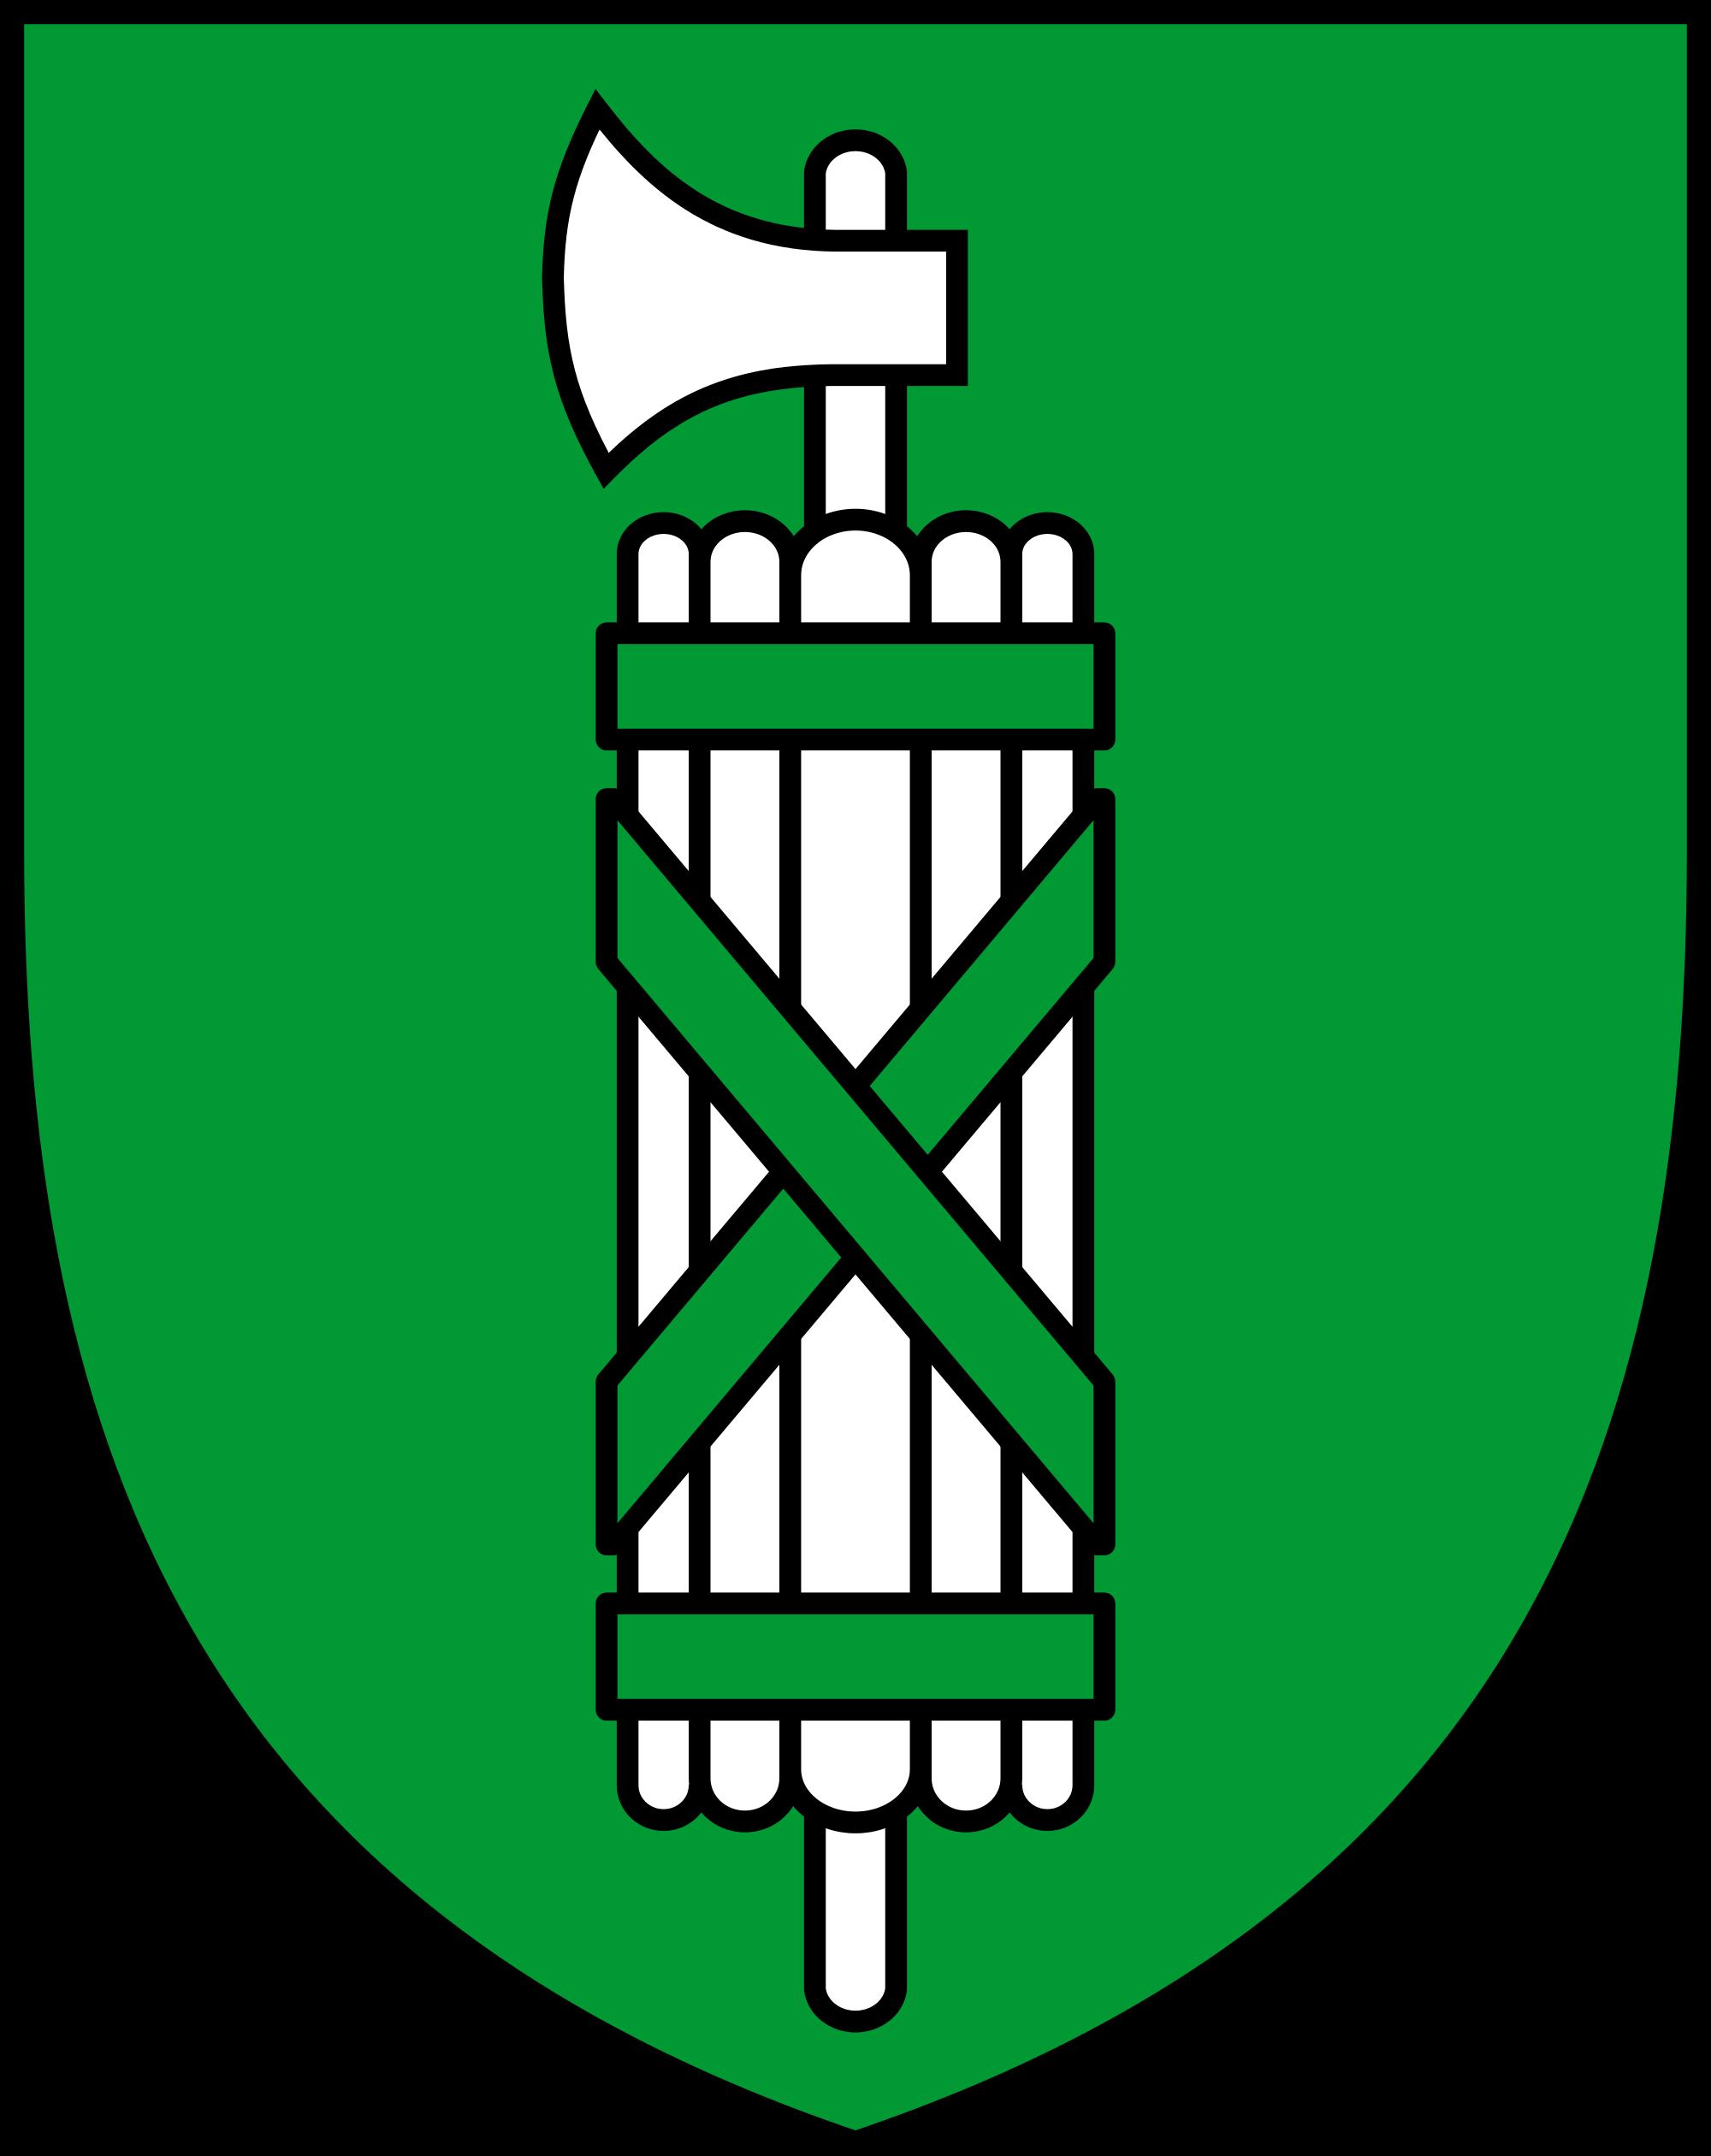 Autokennzeichen St. Gallen (SG) suchen